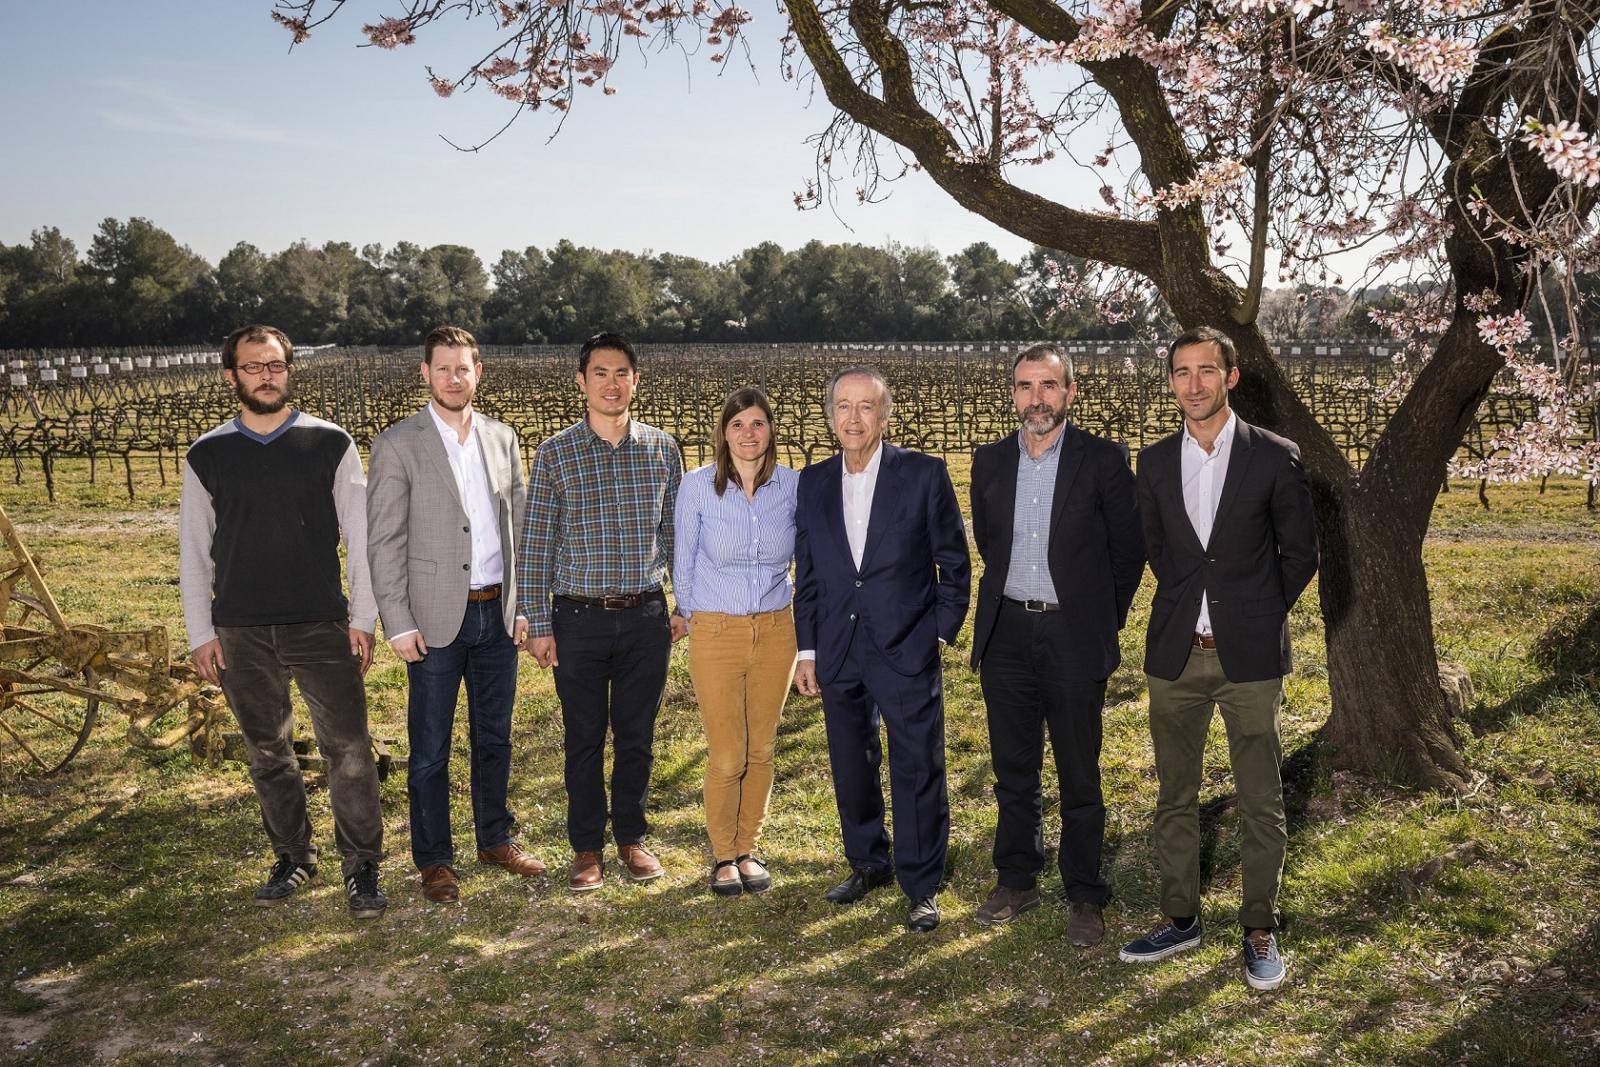 Representants de Jackson Family Wines i Família Torres reunits a Pacs del Penedès